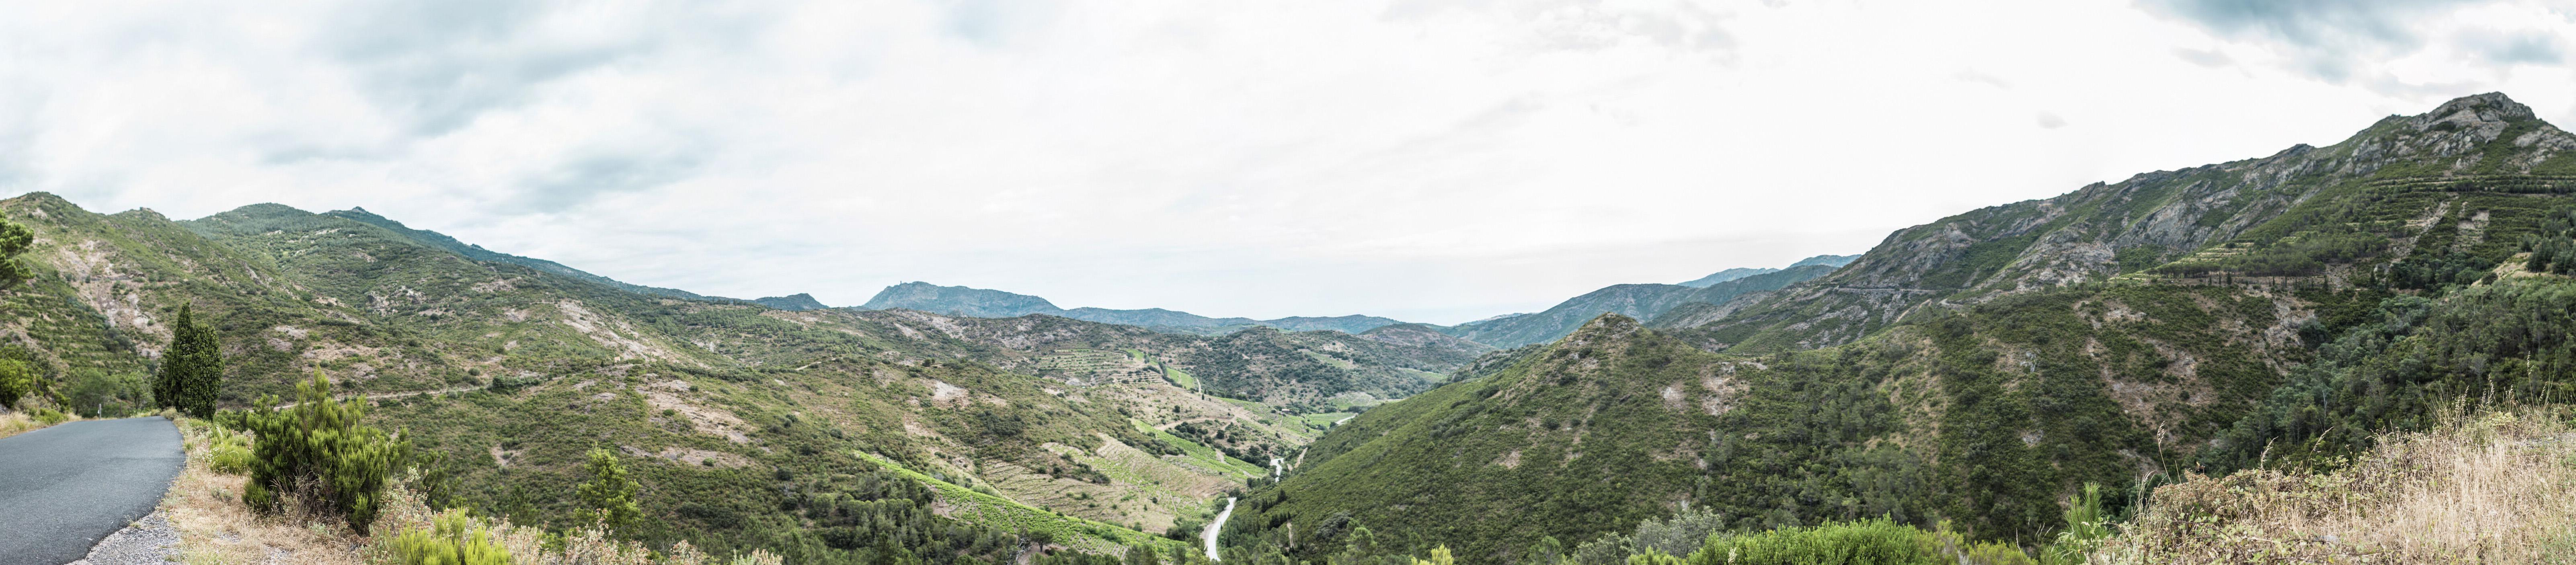 _BKF1256 Panorama